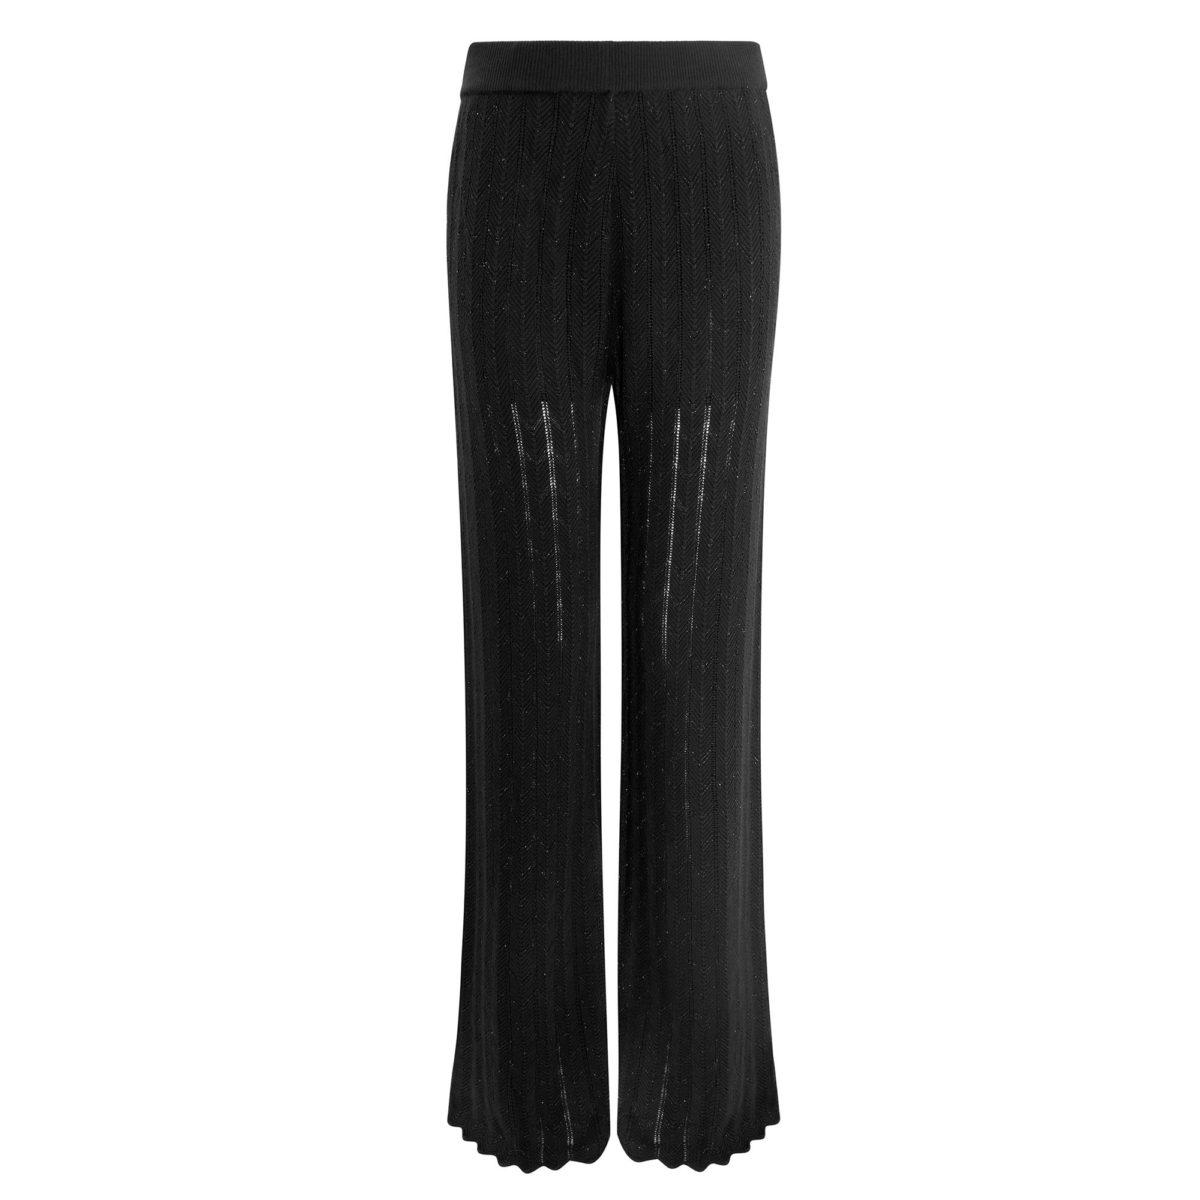 Pantalone Wide leg in maglia Nero - vista frontale   Nicla